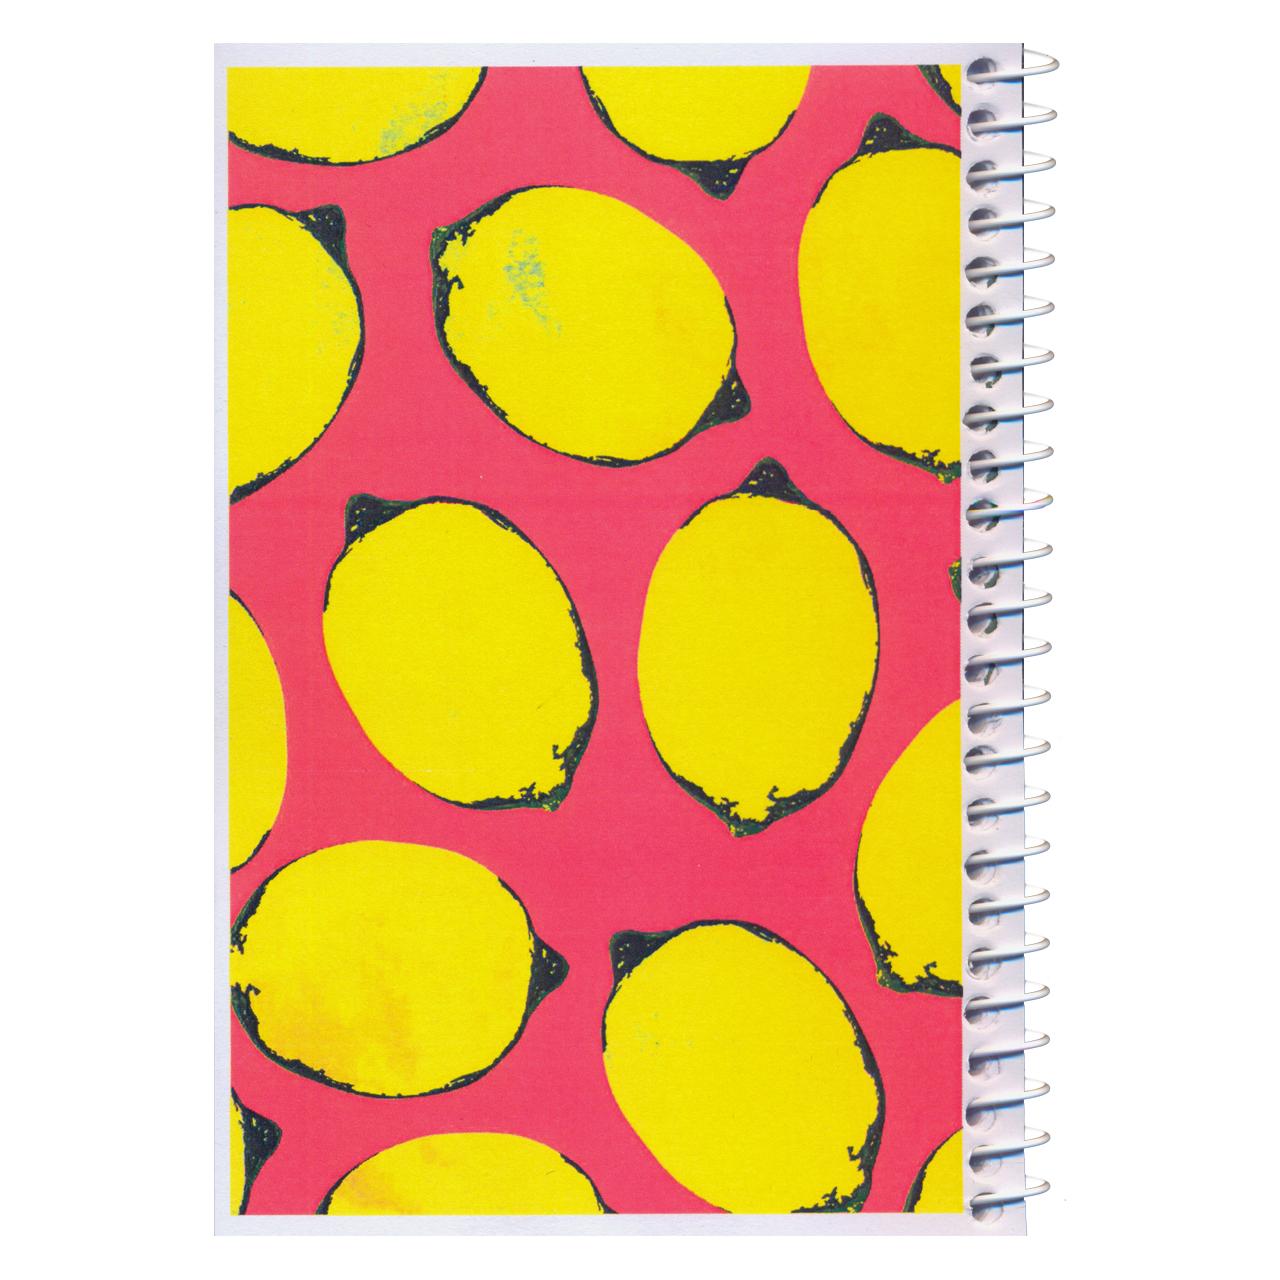 دفترچه یادداشت مدل کژوال طرح لیموهای خوش رنگ سایز متوسط